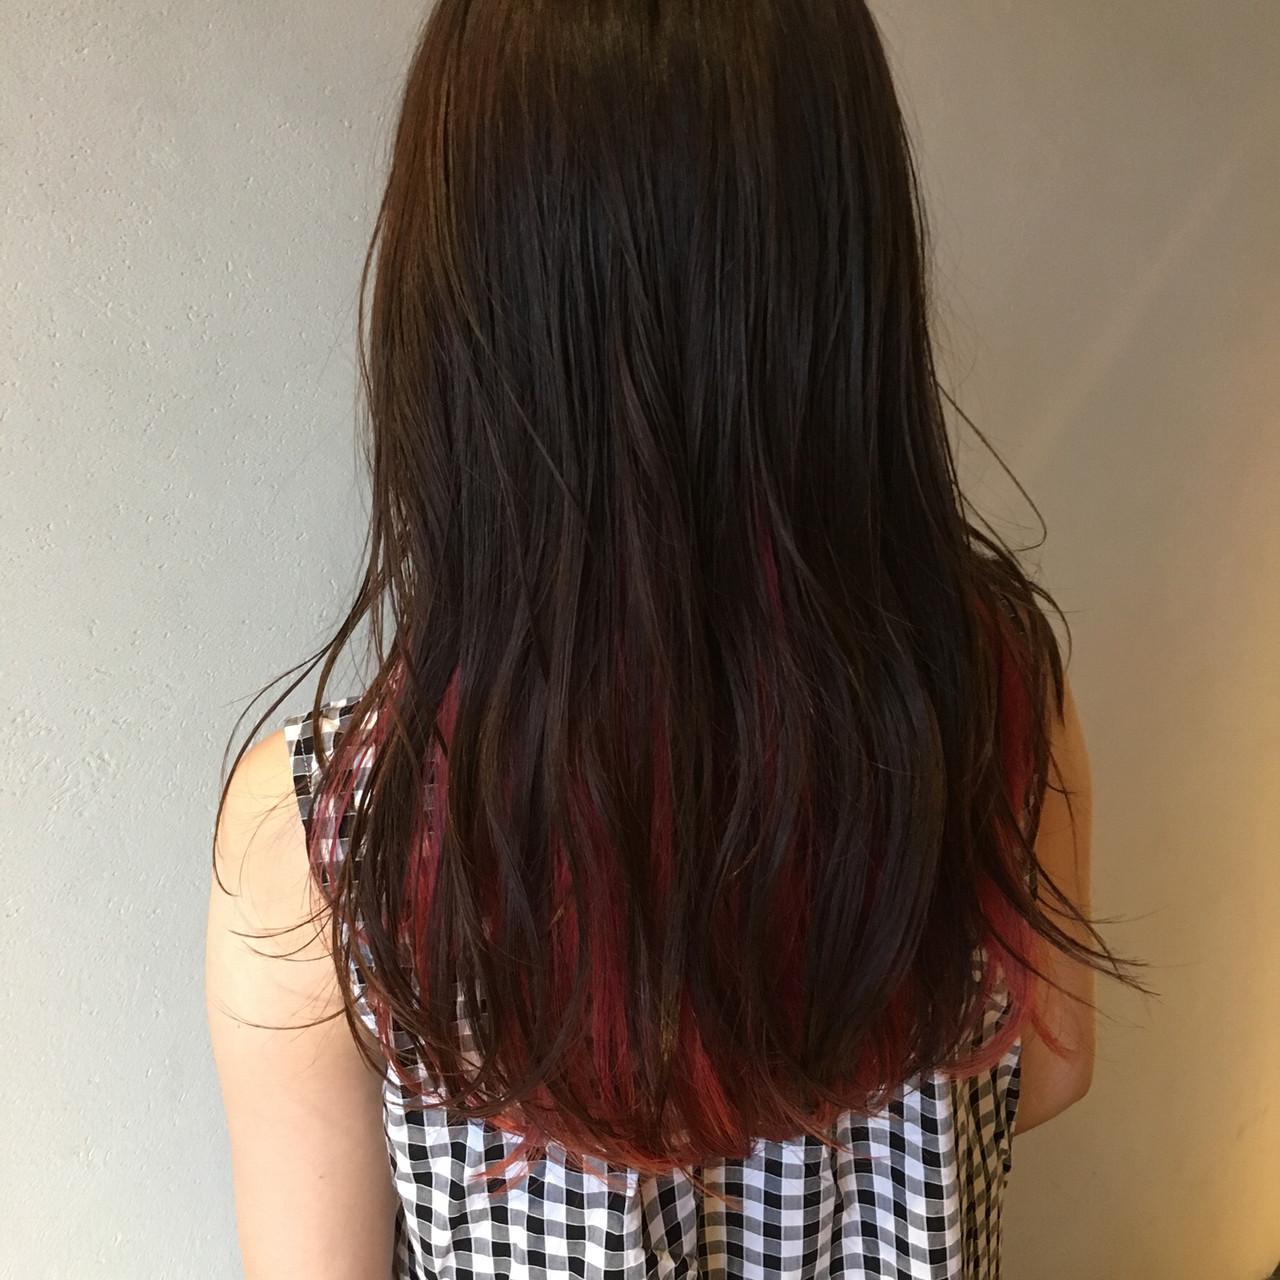 インナーカラー ストリート ピンクバイオレット セミロング ヘアスタイルや髪型の写真・画像 | 岡本 光太 / Acotto Labas